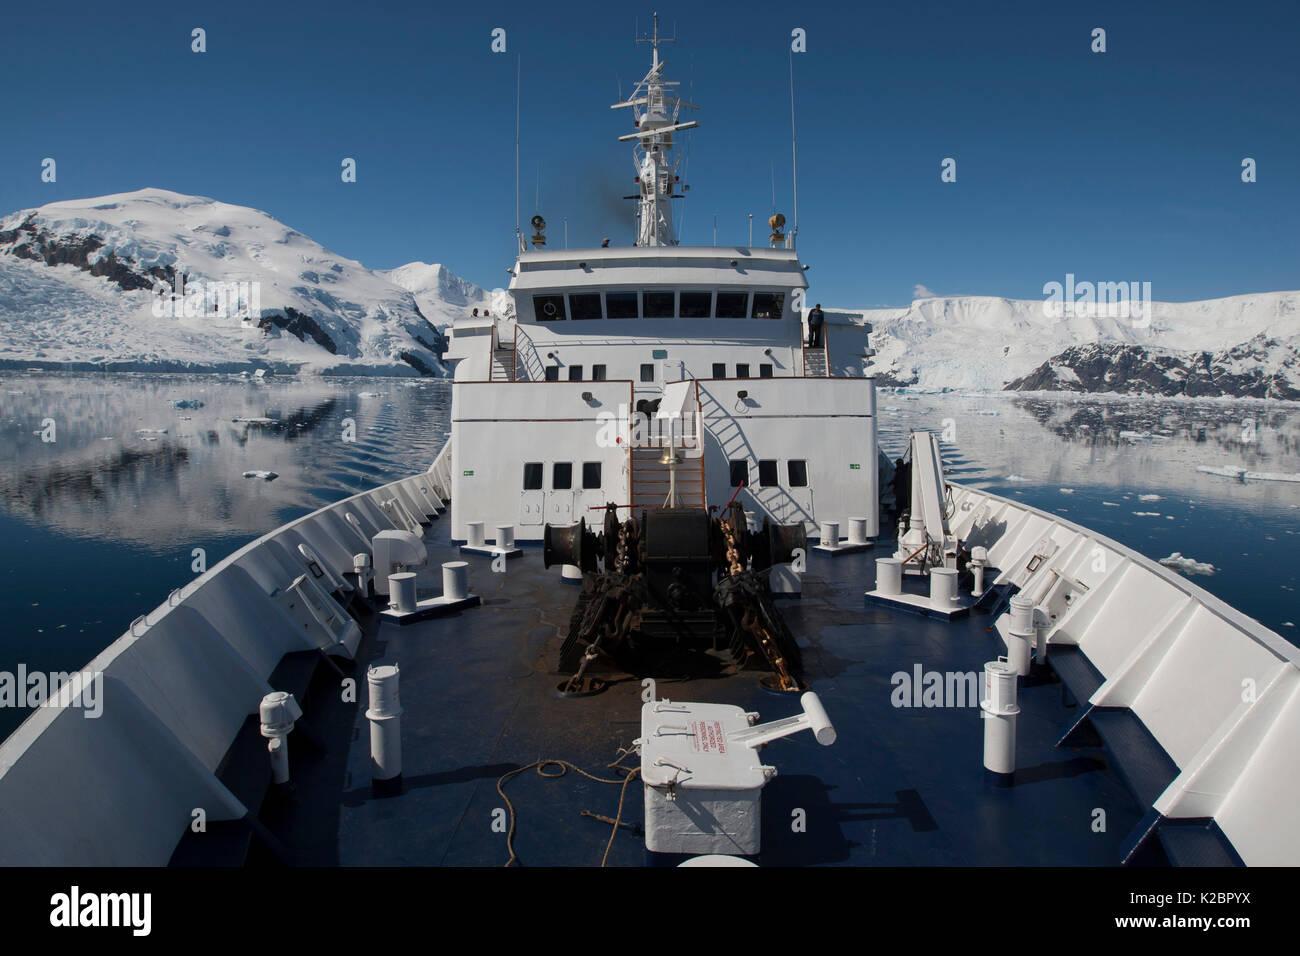 Vista dalla prua di 'Clipper Adventurer' in Neko Harbour, Andvord Bay, Penisola antartica. Gennaio 2012. Tutti i non-usi editoriali deve essere eliminato singolarmente. Immagini Stock